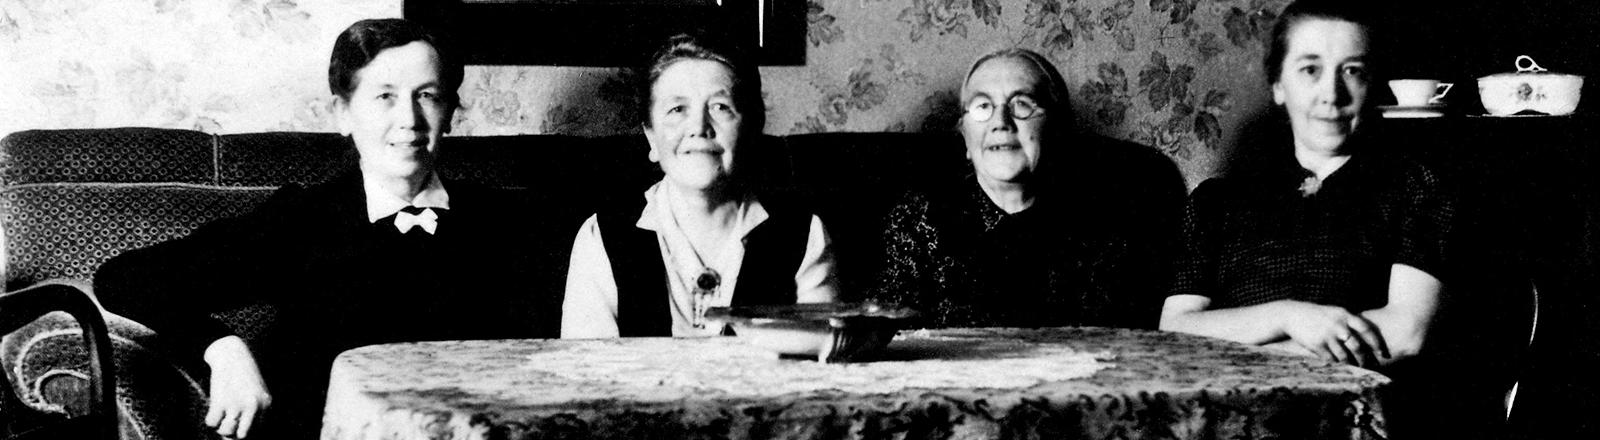 Schwarz-weiß-Foto. Zwei alte Frauen sitzen nebeneinander, vor ihnen ein Tisch mit Decke. Im Hintergrund ein Schrank mit Porzellan.